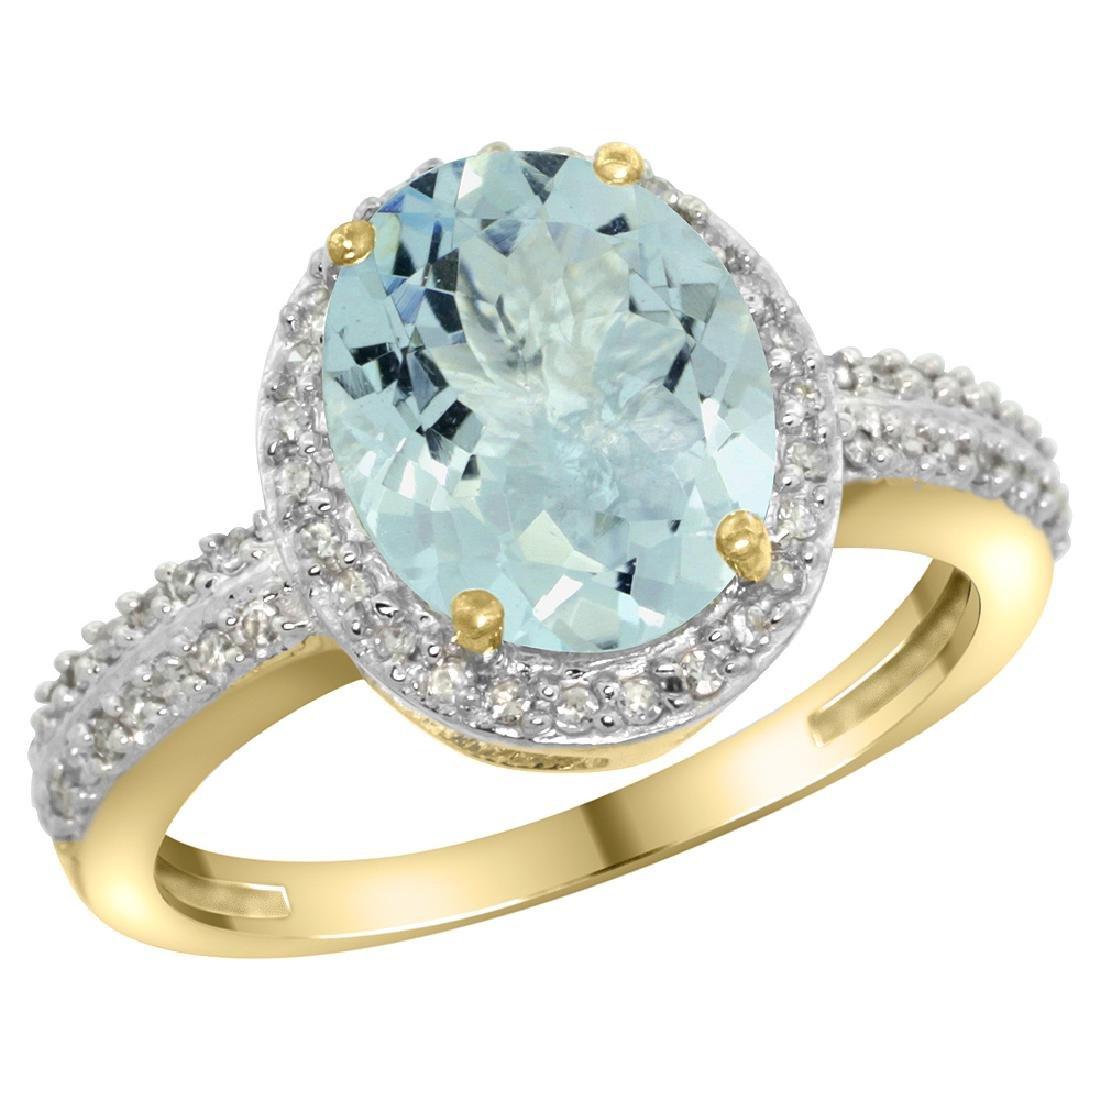 Natural 2.56 ctw Aquamarine & Diamond Engagement Ring